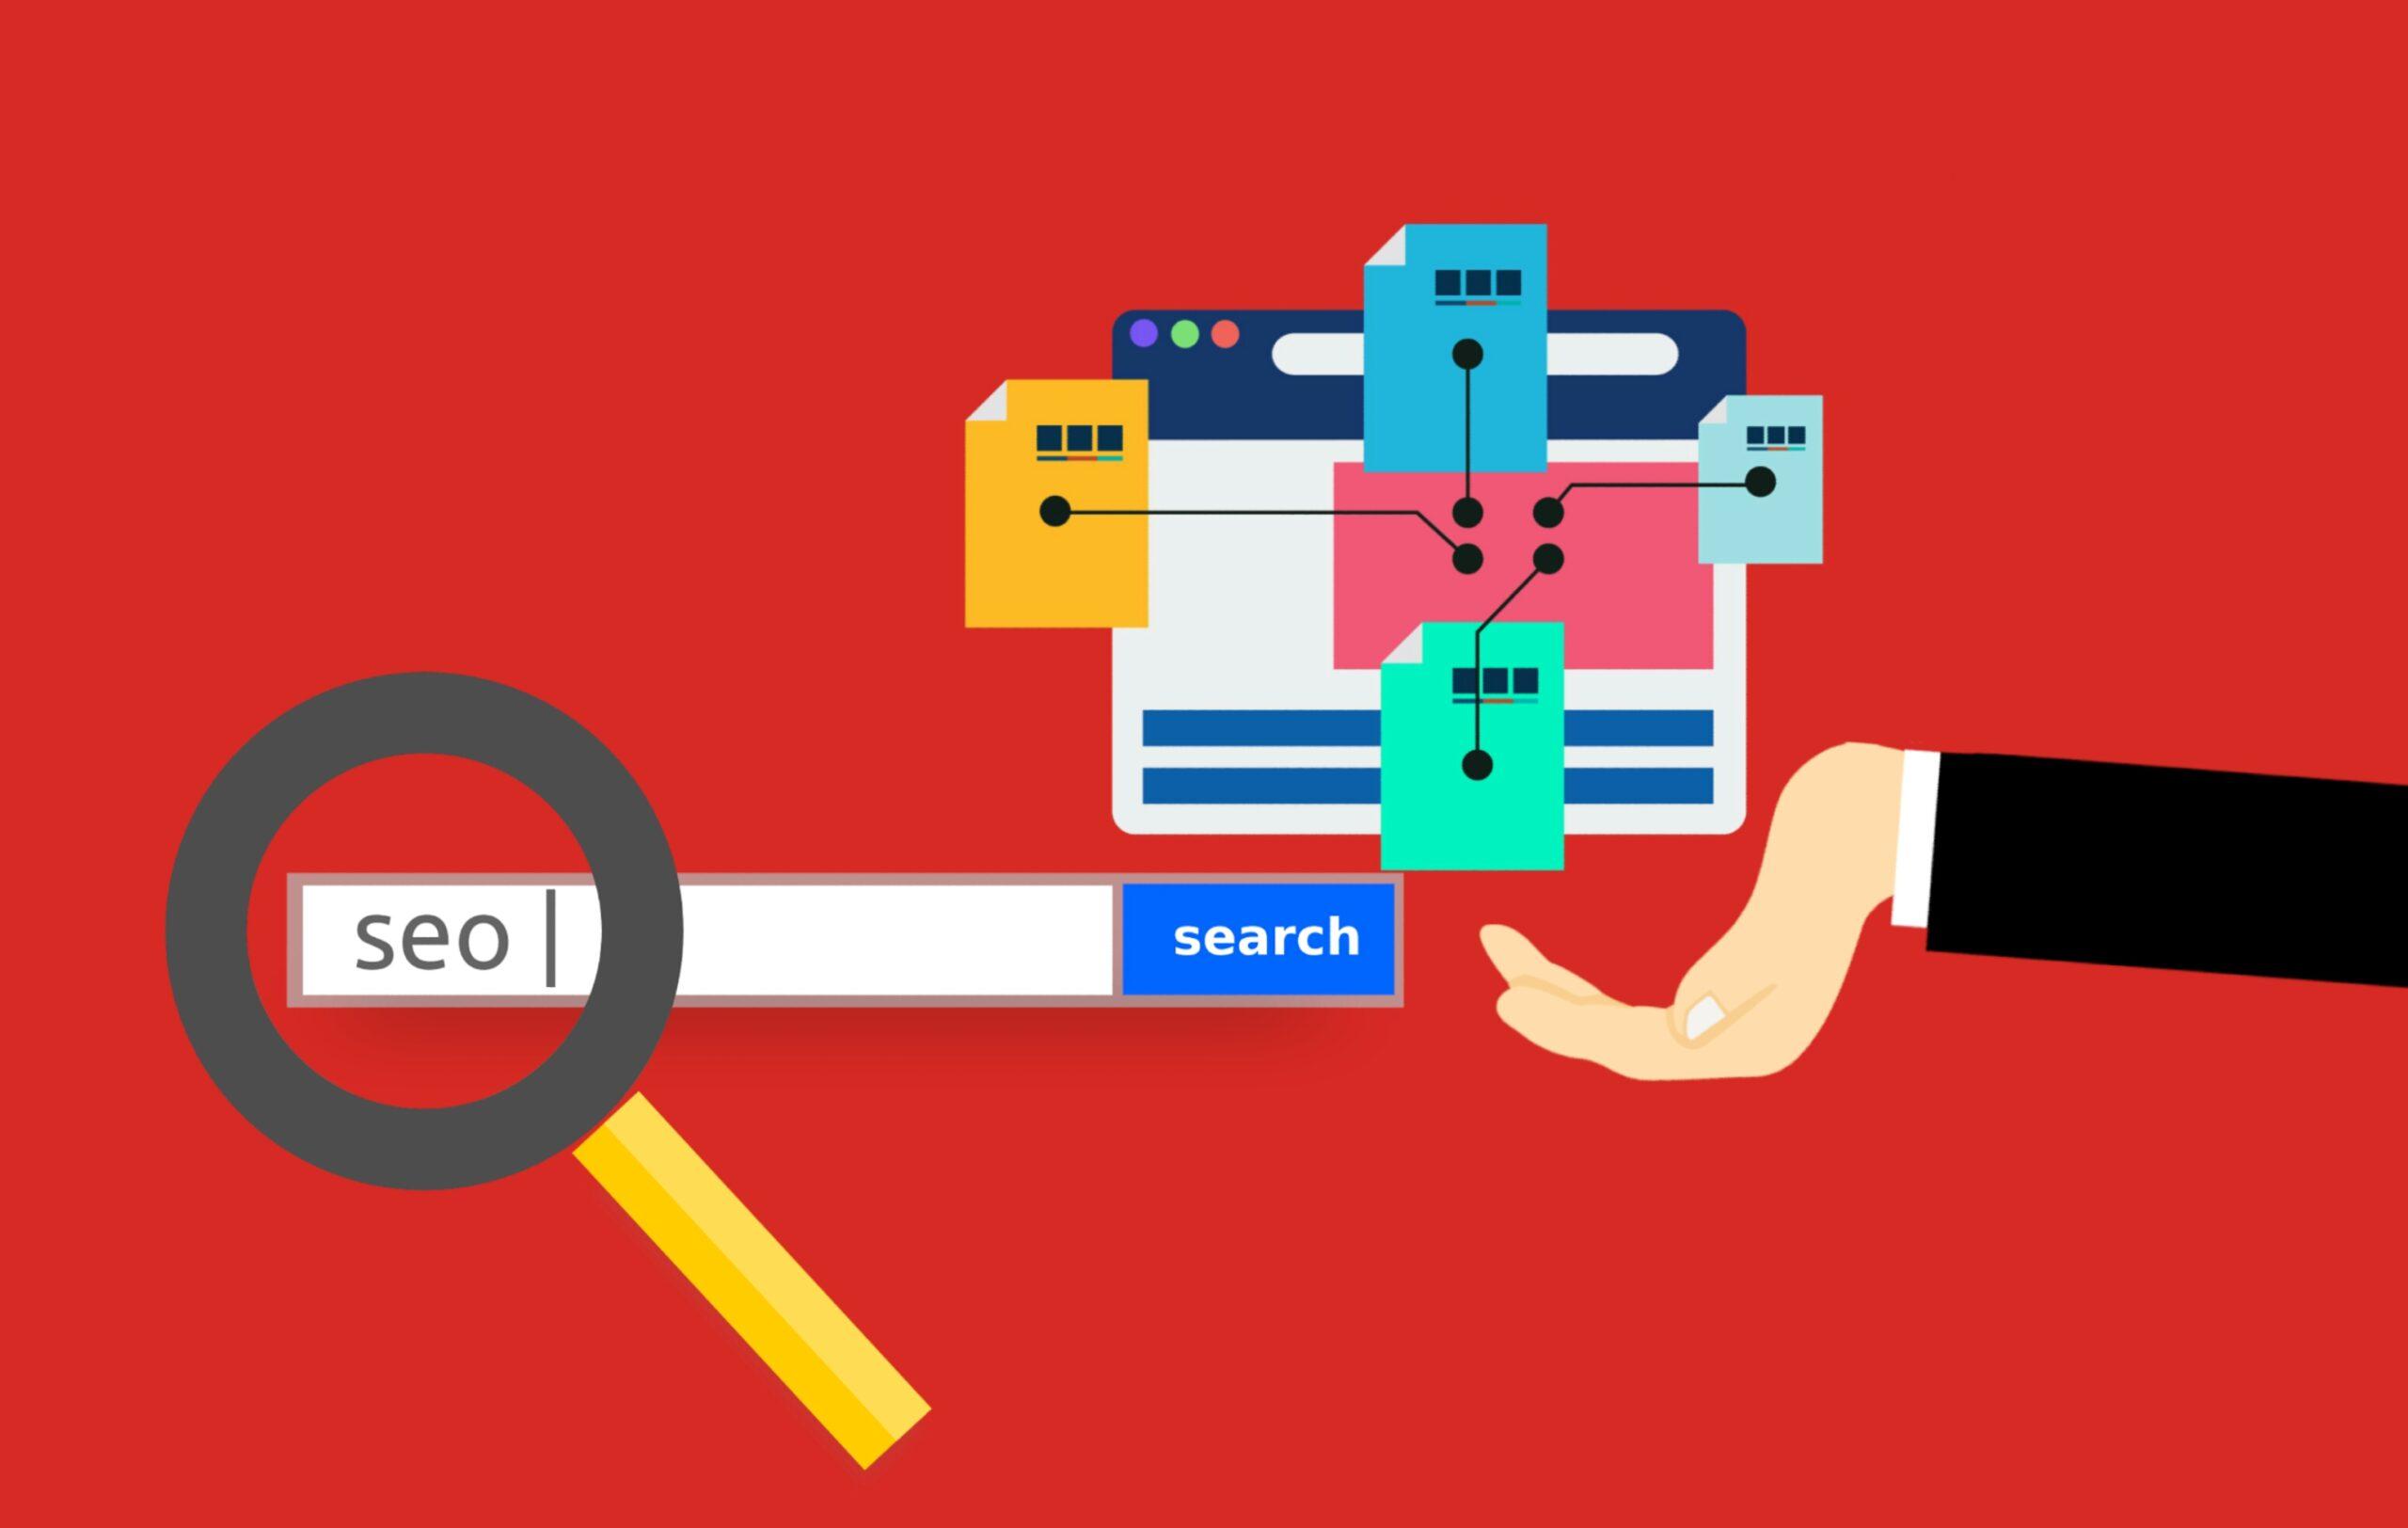 Les outils de référencement indispensables dédiés aux entreprises